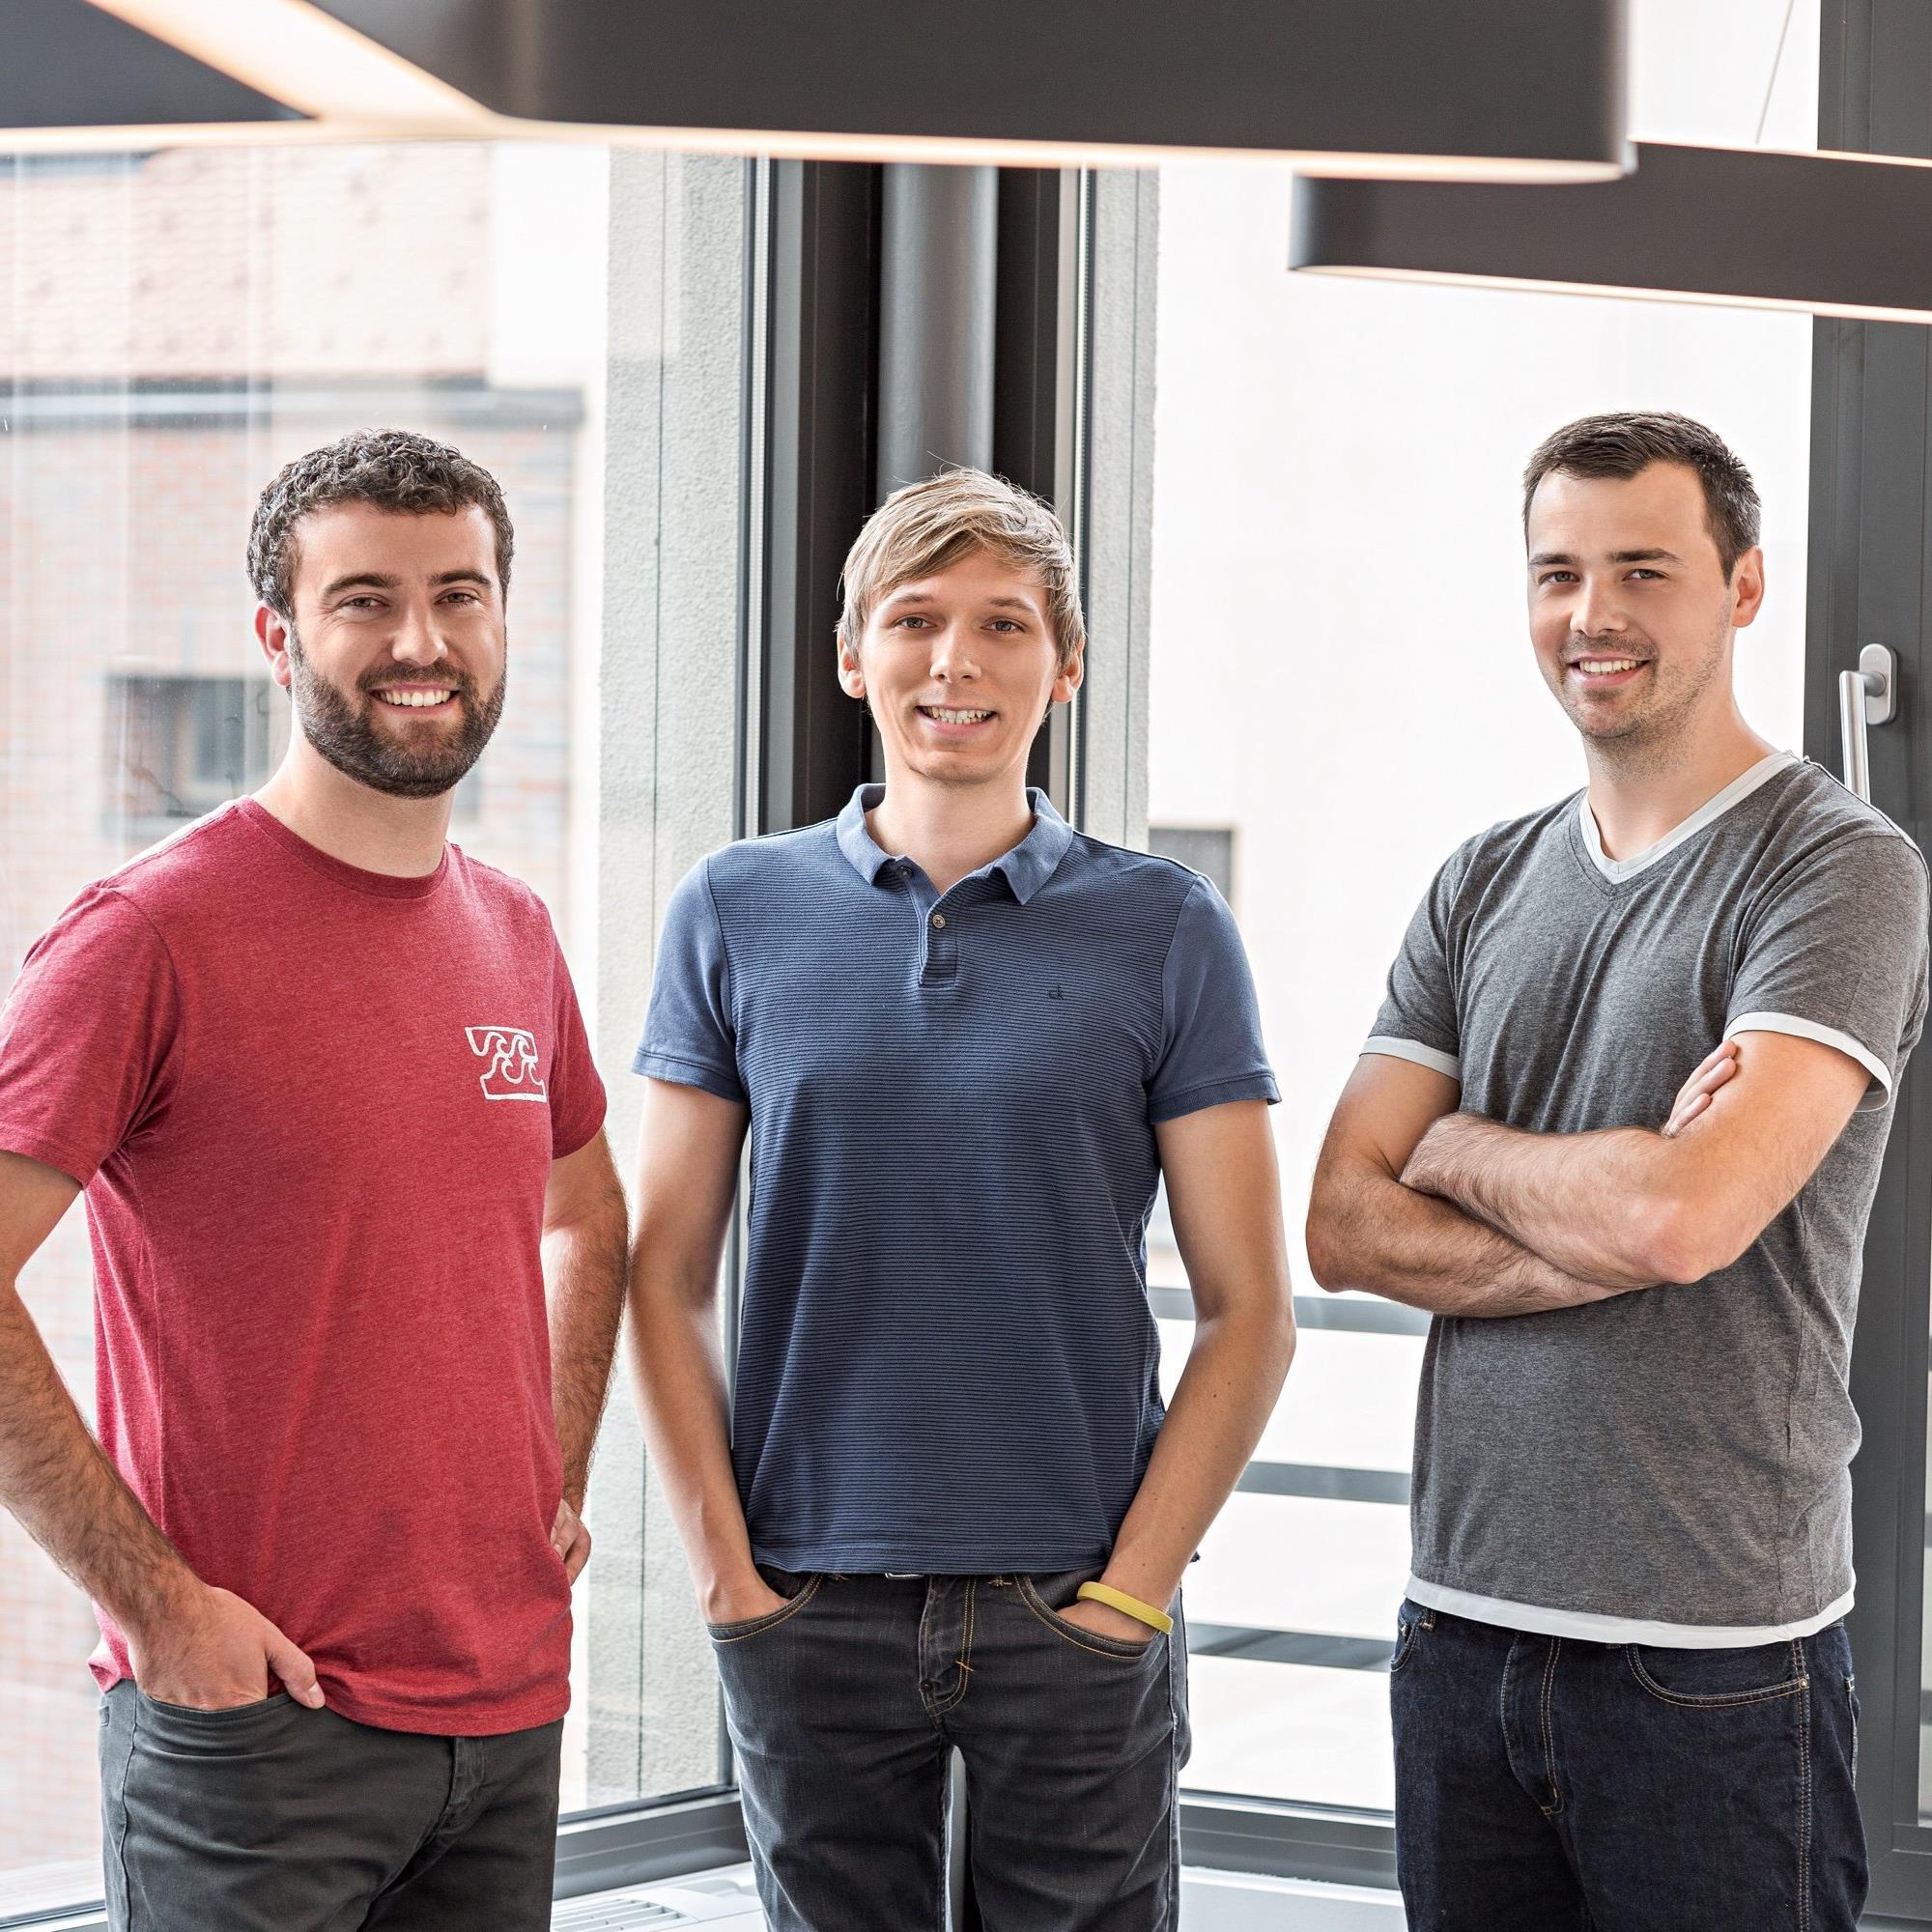 Die drei Vorarlberger Gründer Daniel Ender, Alexander Bitsche und Tobias Klien (v.l.) freuen sich über ein gutes Jahr 2015.